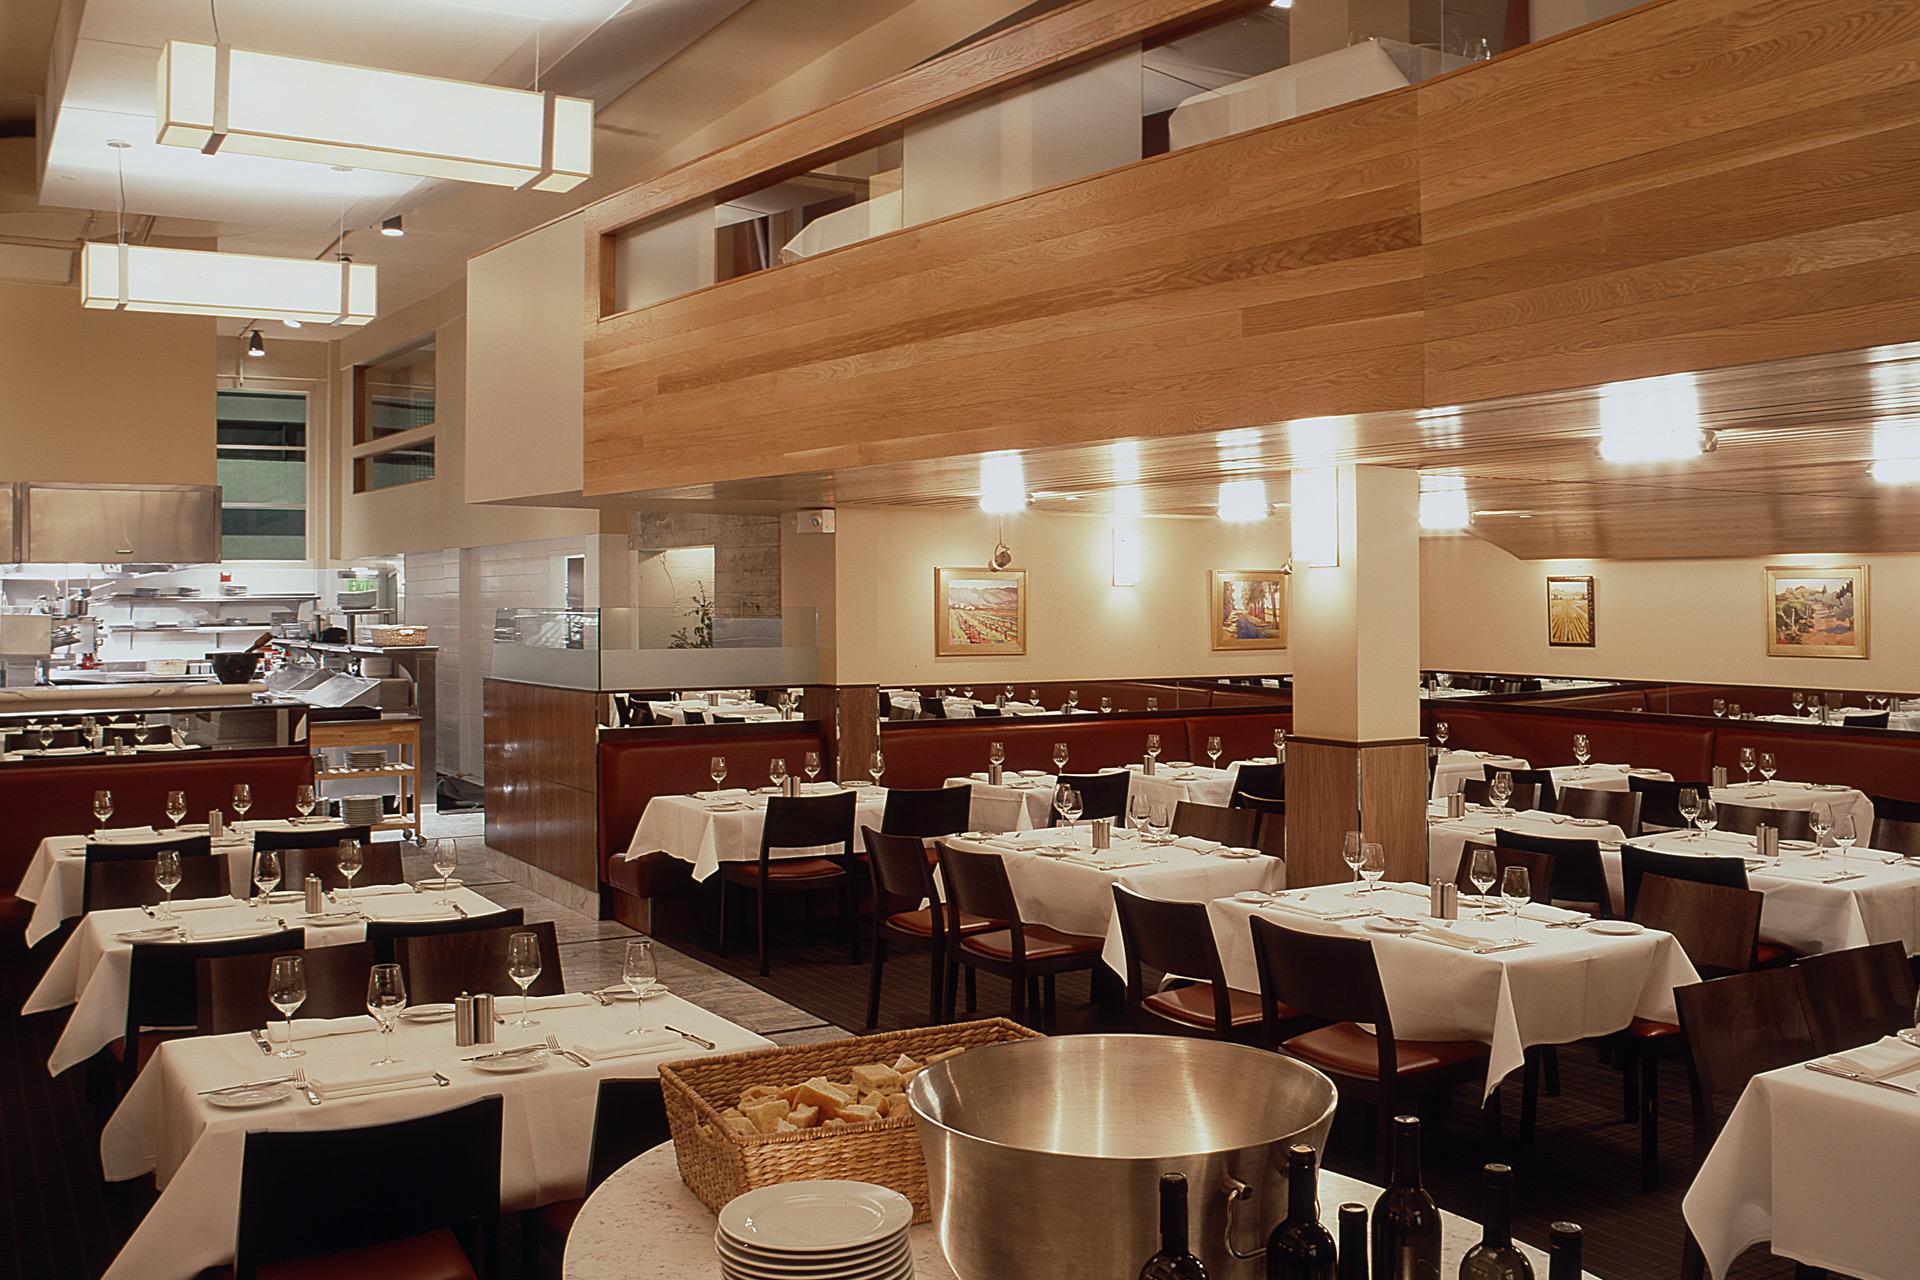 Perbacco restaurant architecture